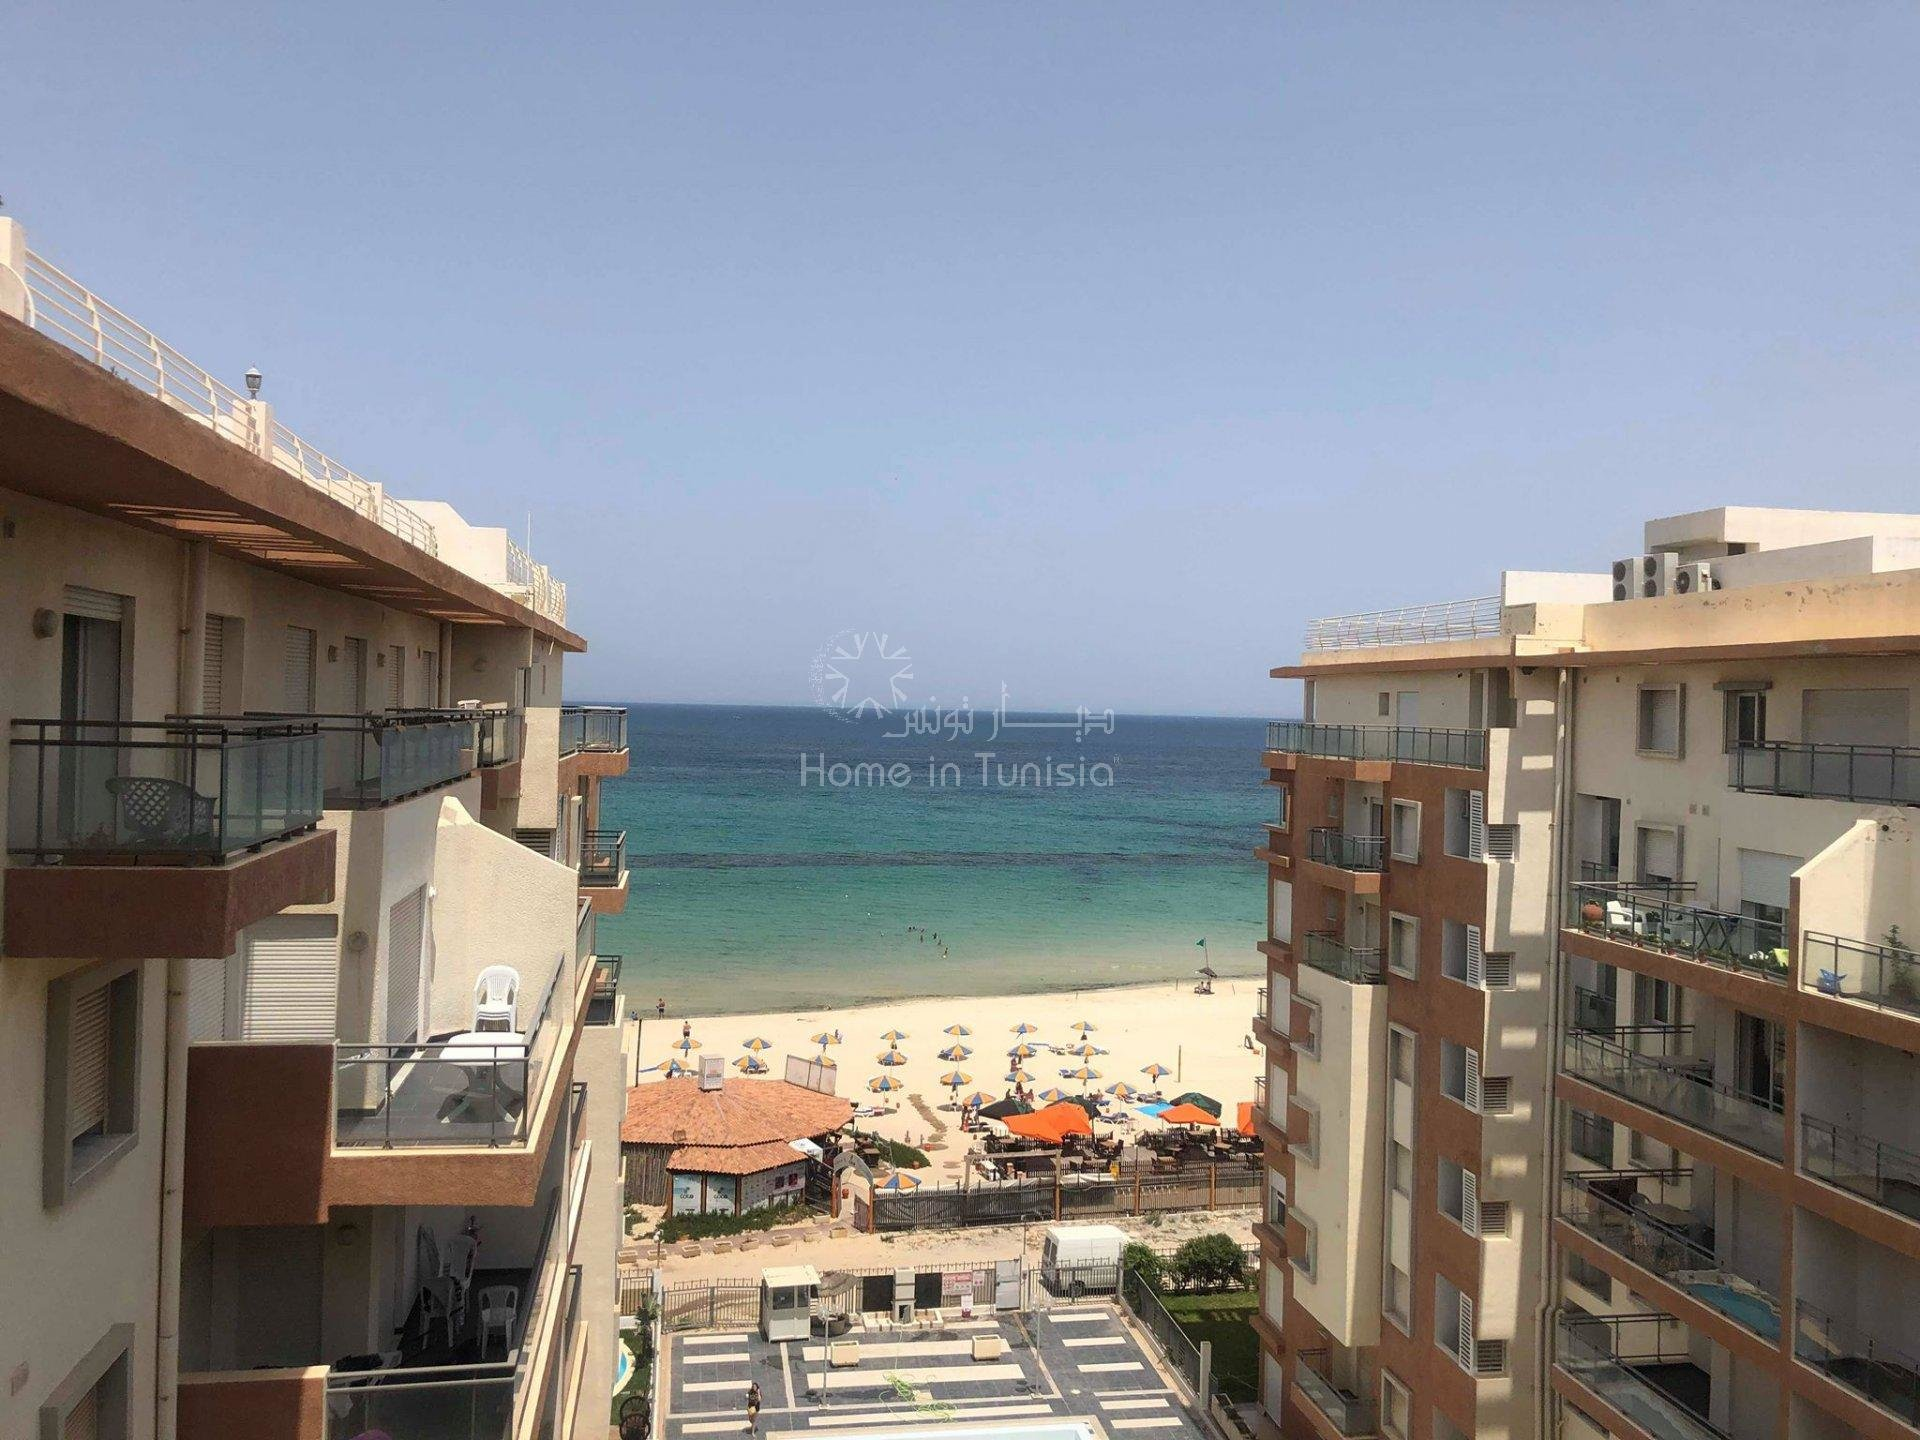 S+2 vue mer sur la zone touristique